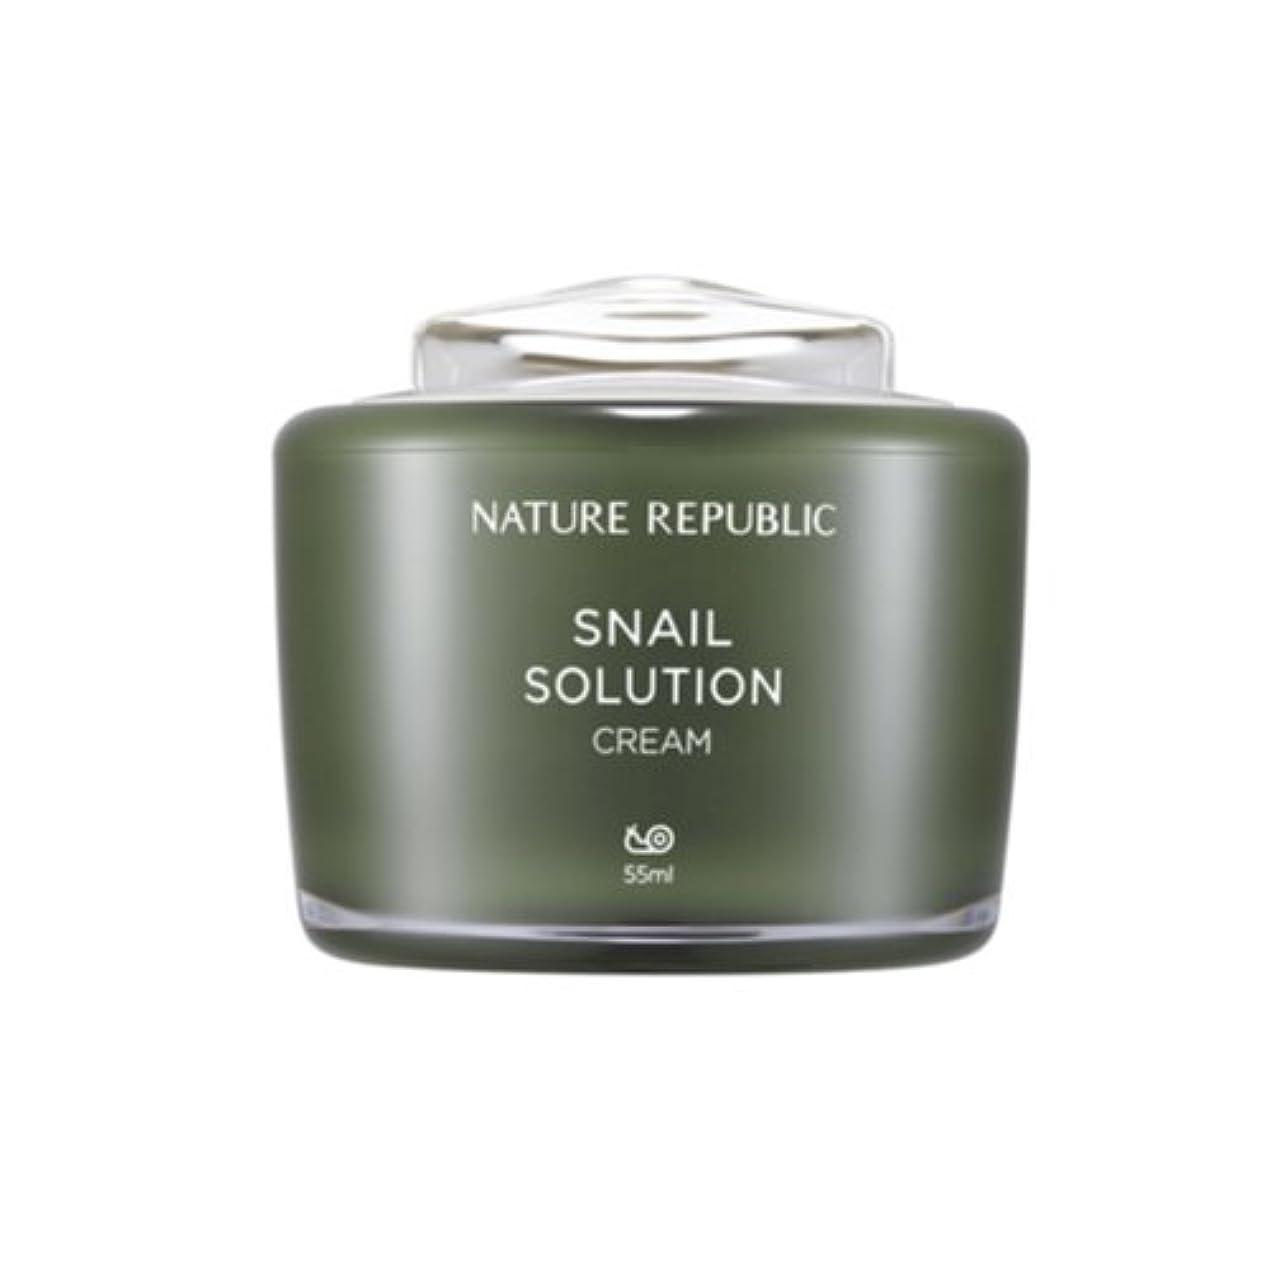 偶然のメンバー村[ネイチャーリパブリック] Nature republicスネイルソリューションクリーム海外直送品(Snail Solution Cream) [並行輸入品]